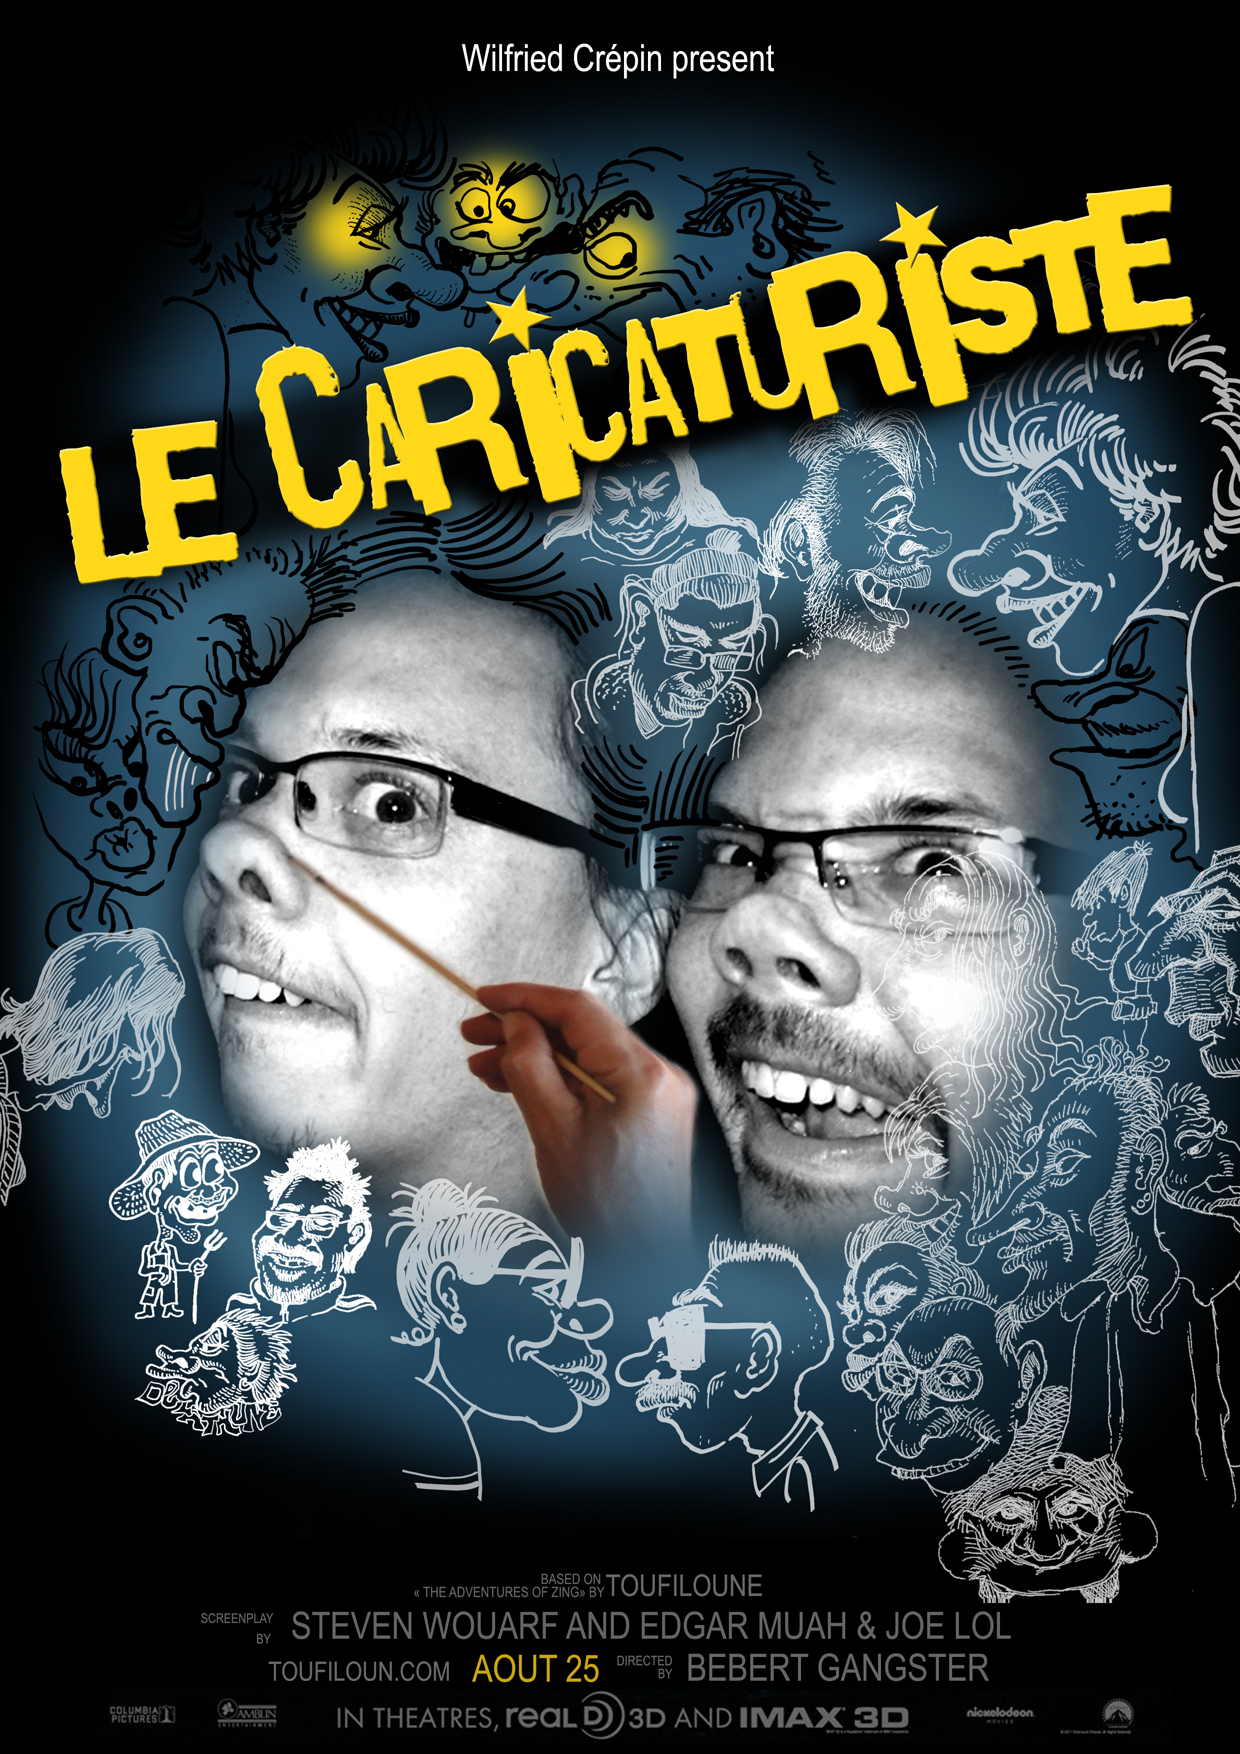 Le caricaturiste - Marc Ingrand